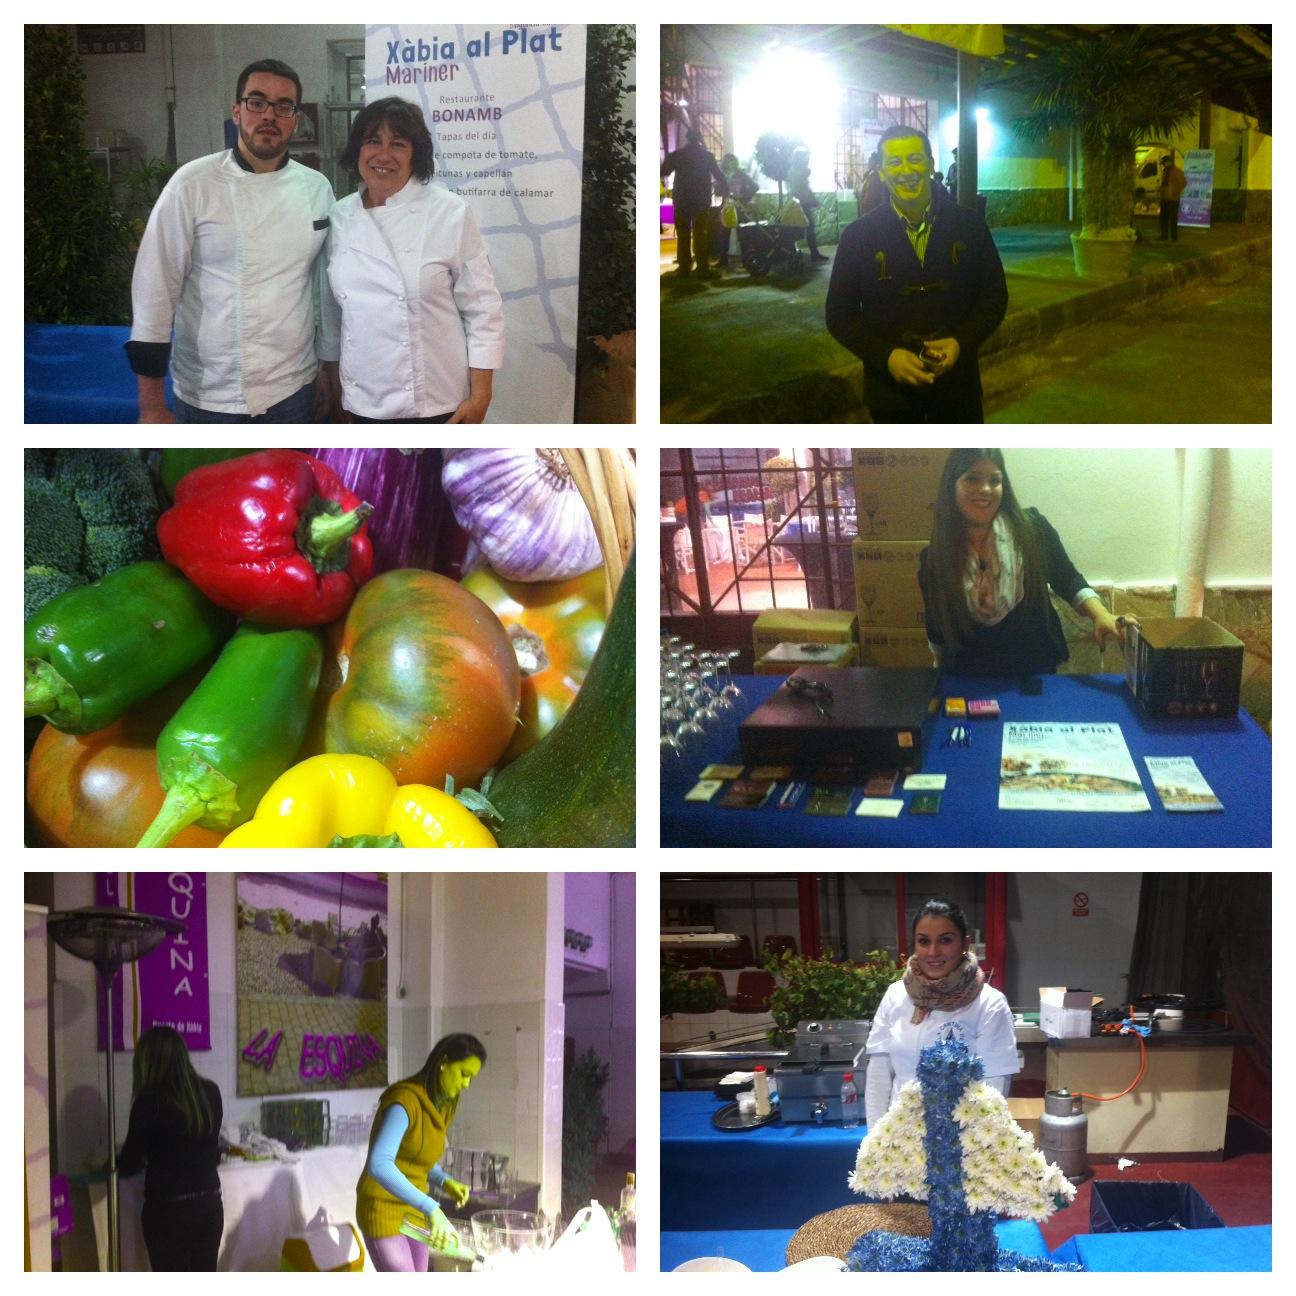 """Gastro-Event: """"Xàbia al Plat Mariner"""" am 29.November in der Fischbörse von Jávea/Xàbia, Mario Schumacher Blog"""